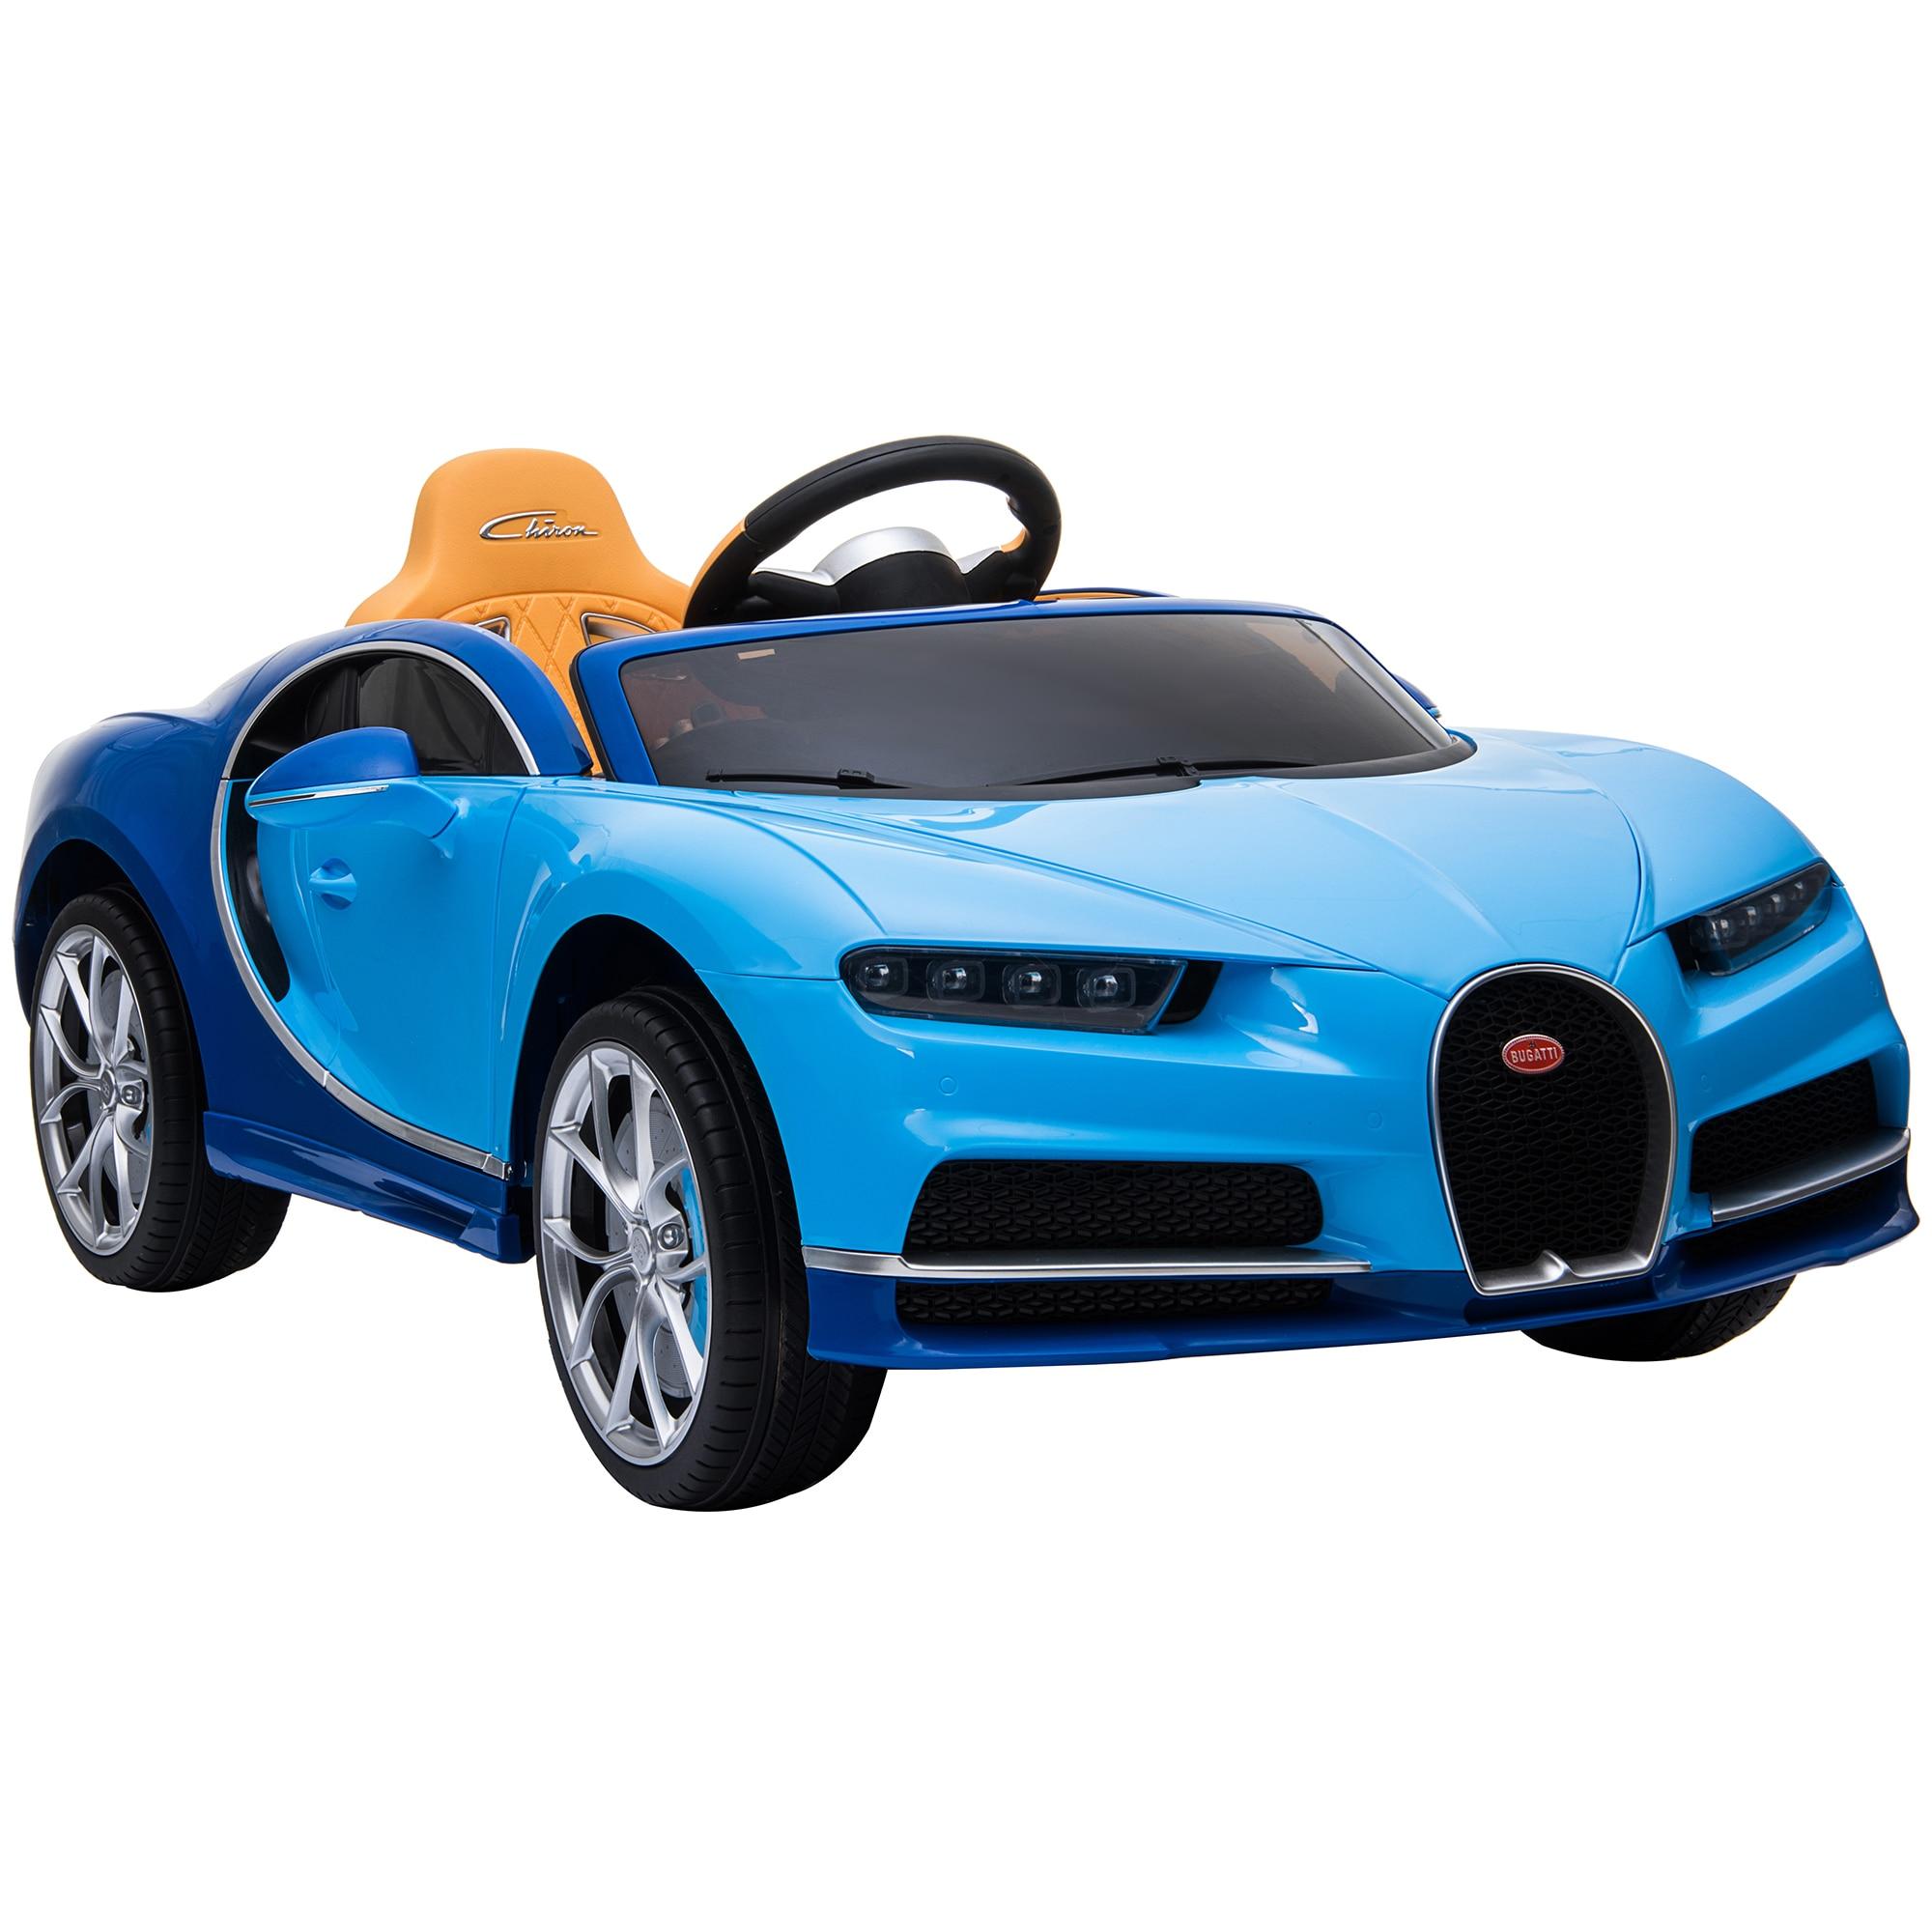 Fotografie Masinuta electrica pentru copii, Mappy Bugatti Chiron, Albastru/Negru